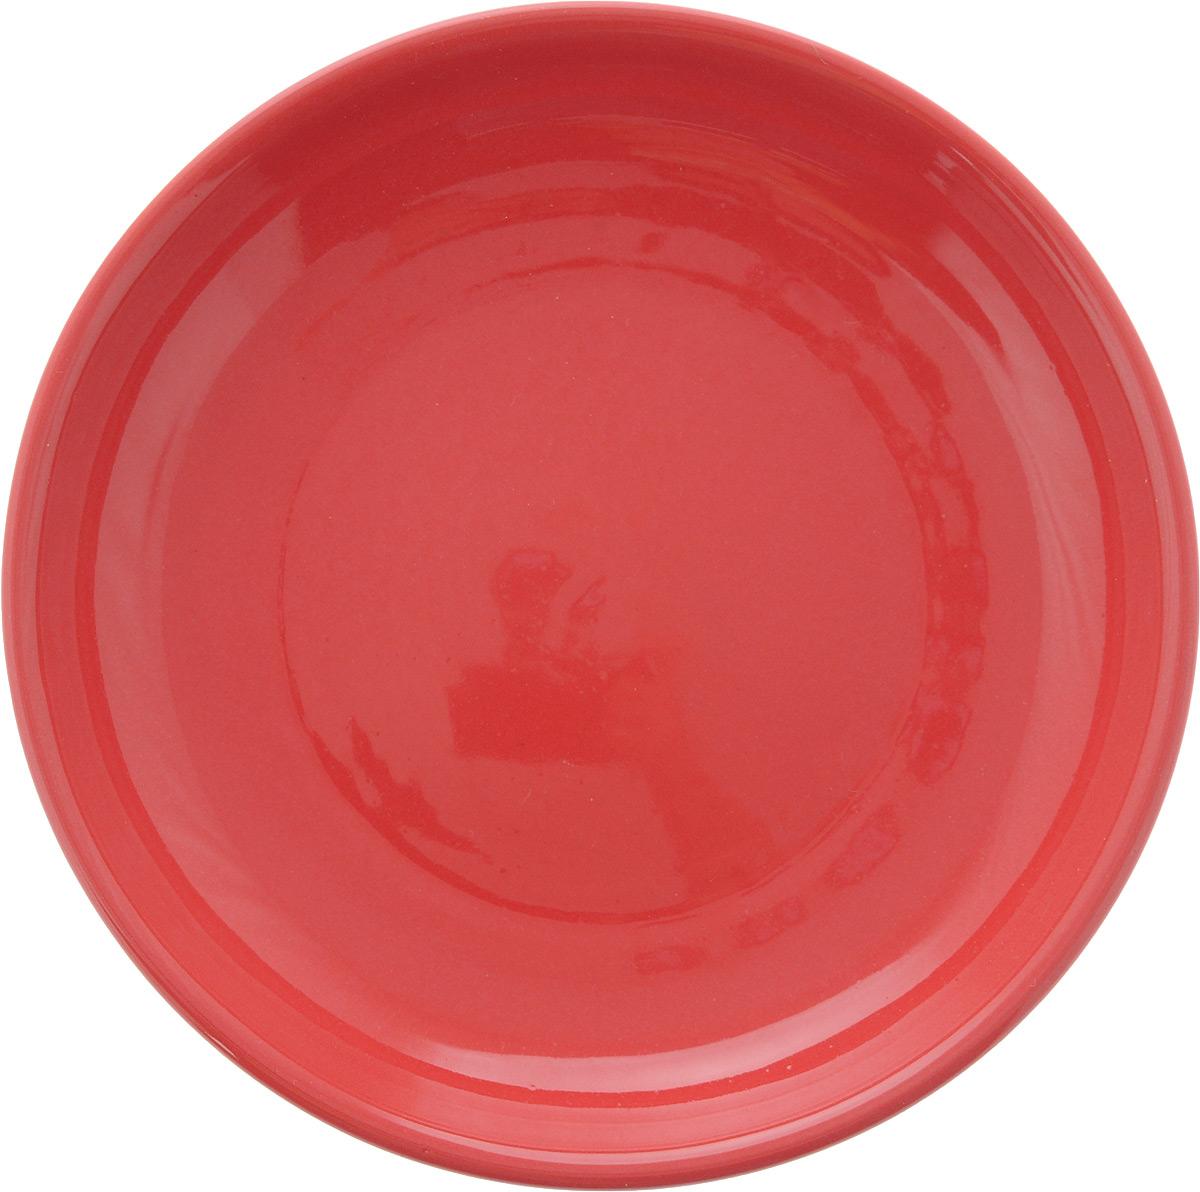 Тарелка Борисовская керамика Радуга, цвет: красный, диаметр 18 смРАД00000458_красныйТарелка Борисовская керамика Радуга изготовлена из керамики. Изделие идеально подойдет для сервировки стола. Тарелка отлично впишется в любой интерьер современной кухни и станет отличным подарком для вас и ваших близких. Можно использовать в духовке и микроволновой печи. Диаметр тарелки: 18 см. Высота тарелки: 3 см.